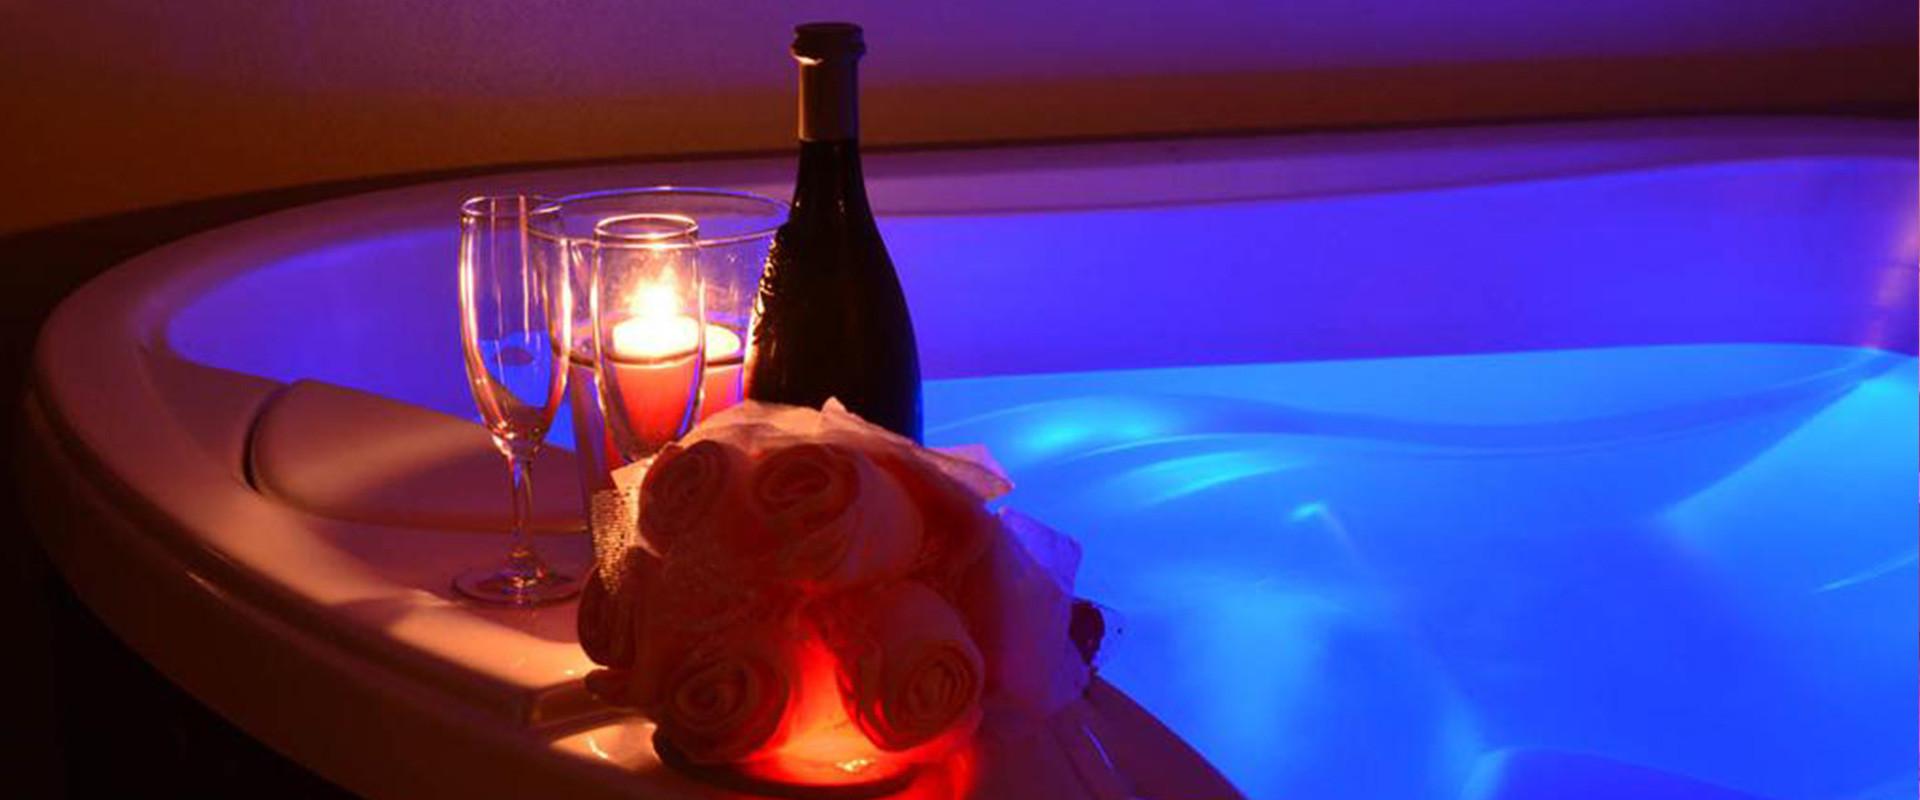 Residence con spa vicino Lago di Garda